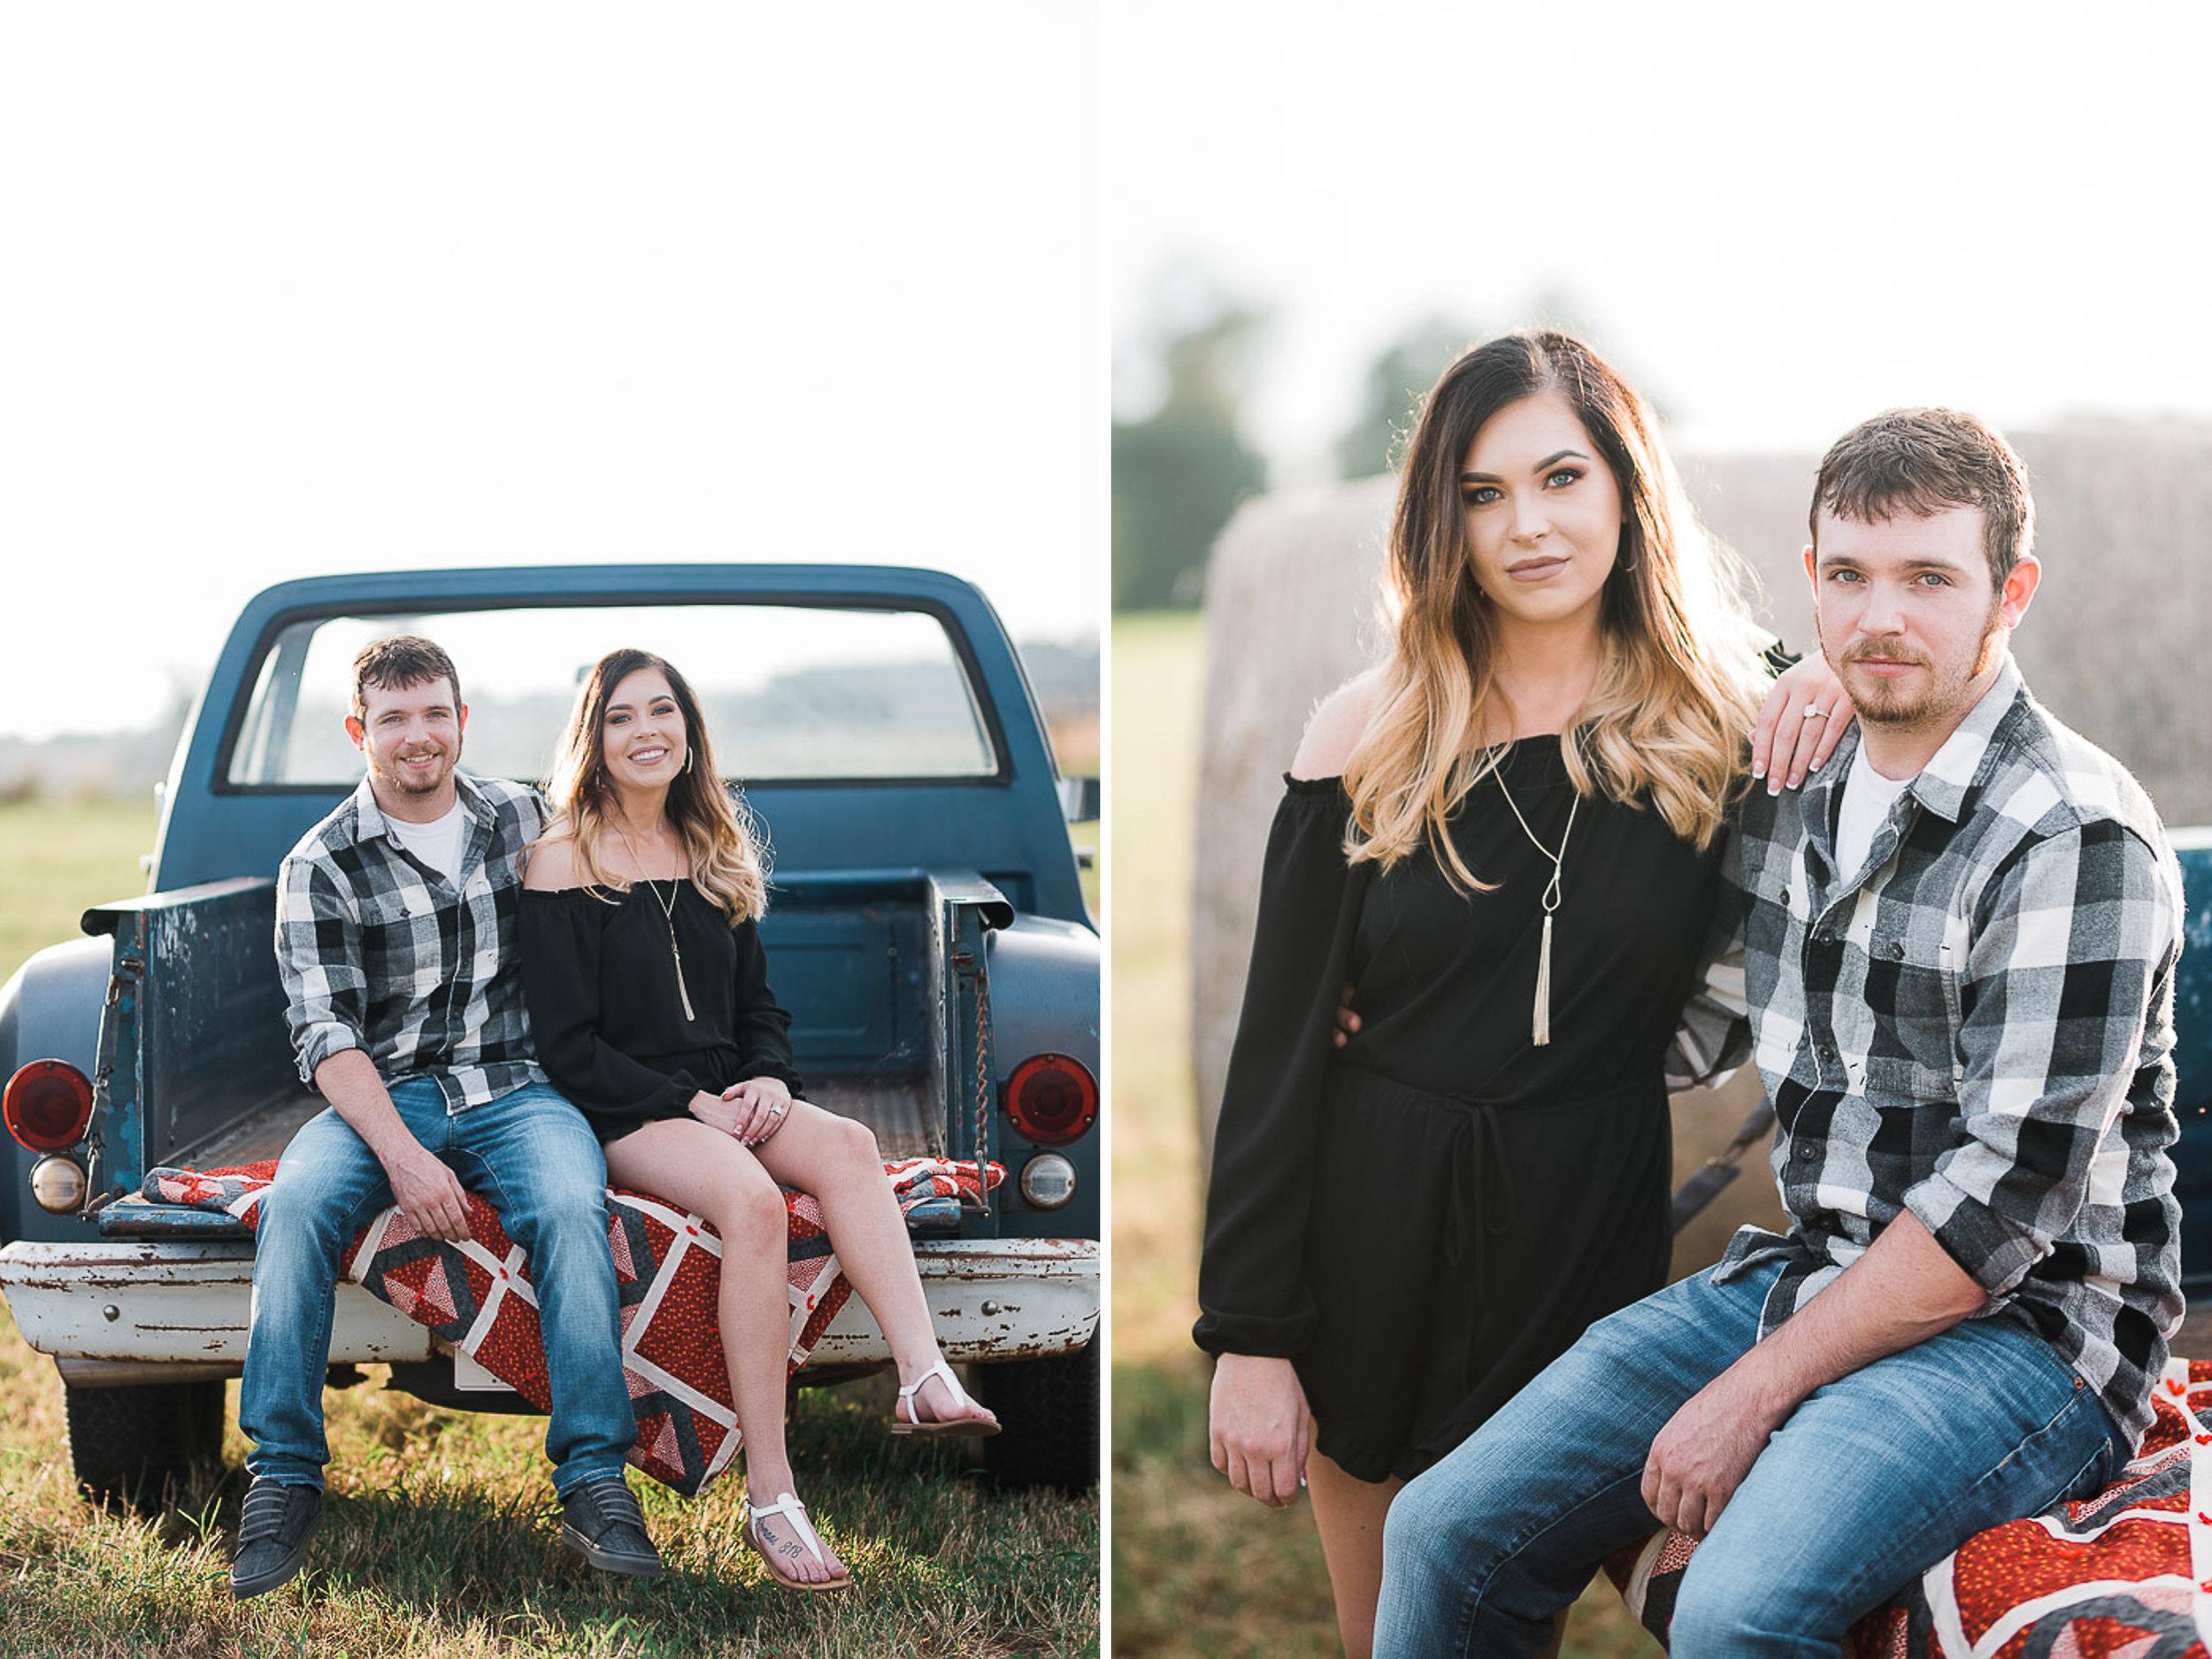 Field Engagement Portraits, Truck, Sunset, Dancing, 02.jpg